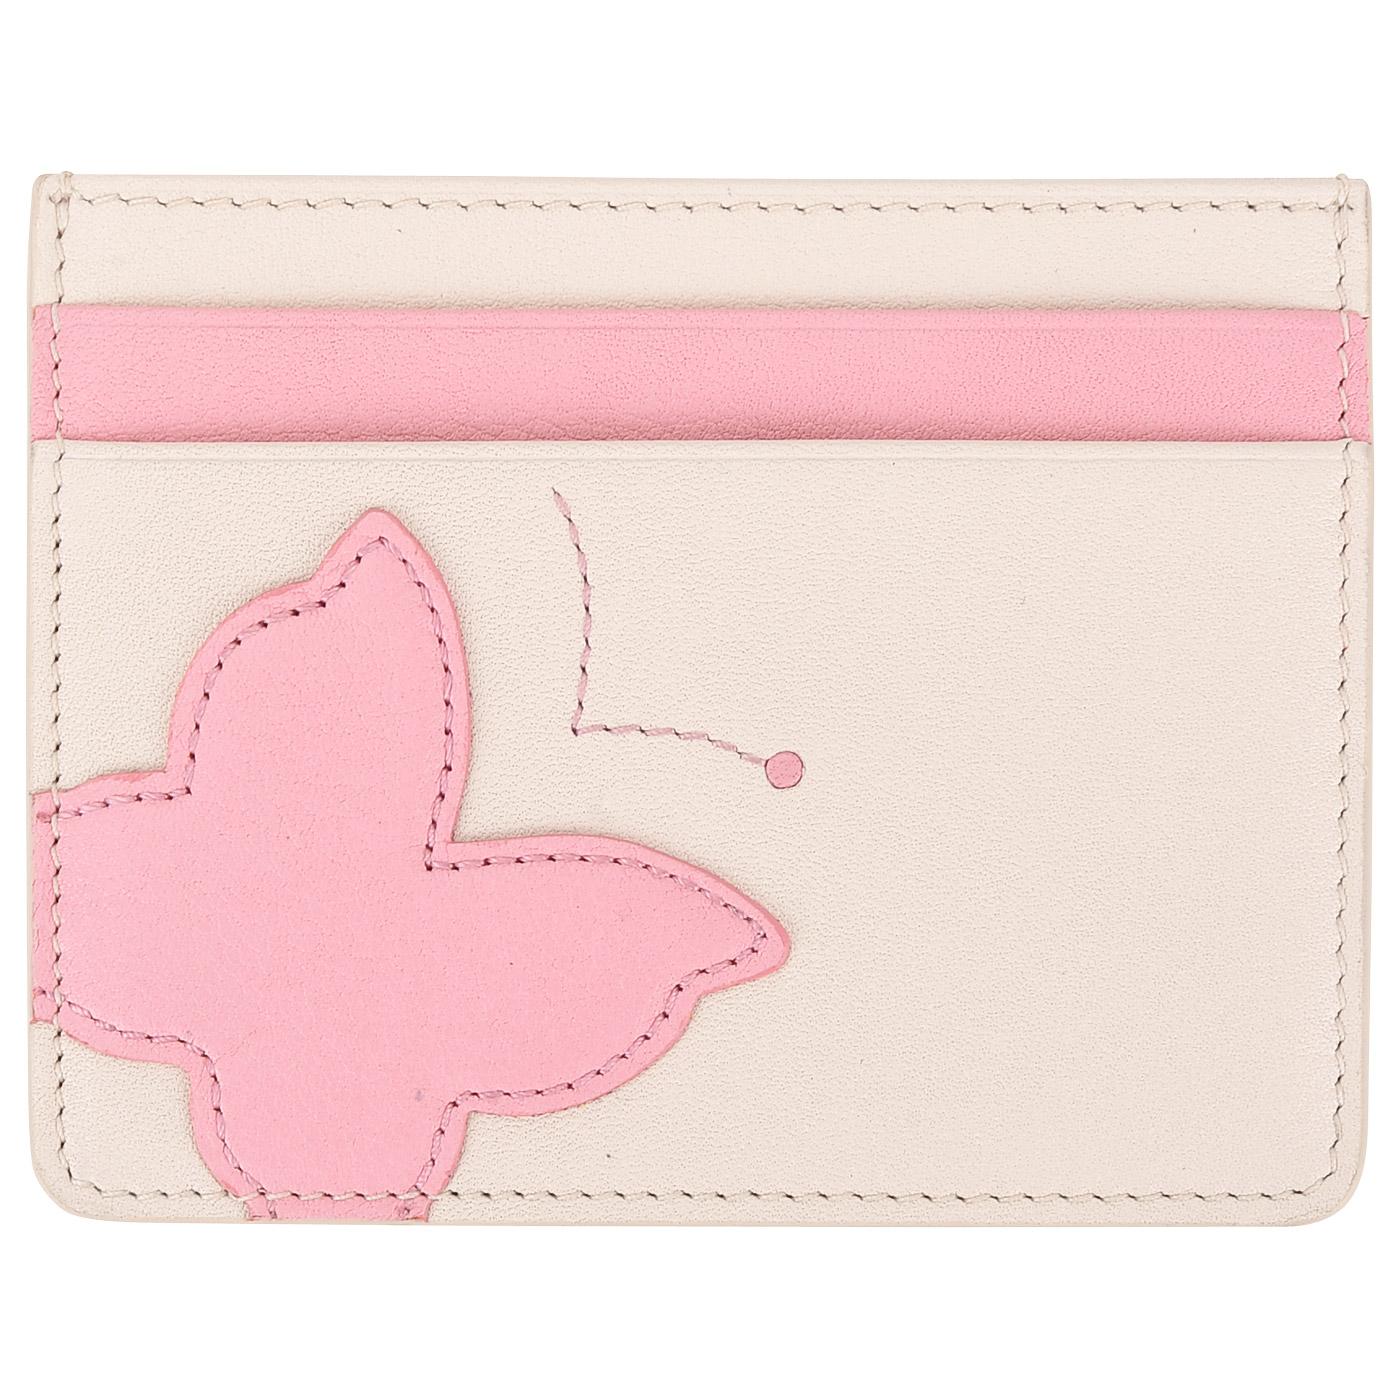 ВизитницаВизитницы<br>Снаружи с двух сторон кармашки для пластиковых карточек.<br><br>count_sale: 0<br>new: 1<br>sale: 0